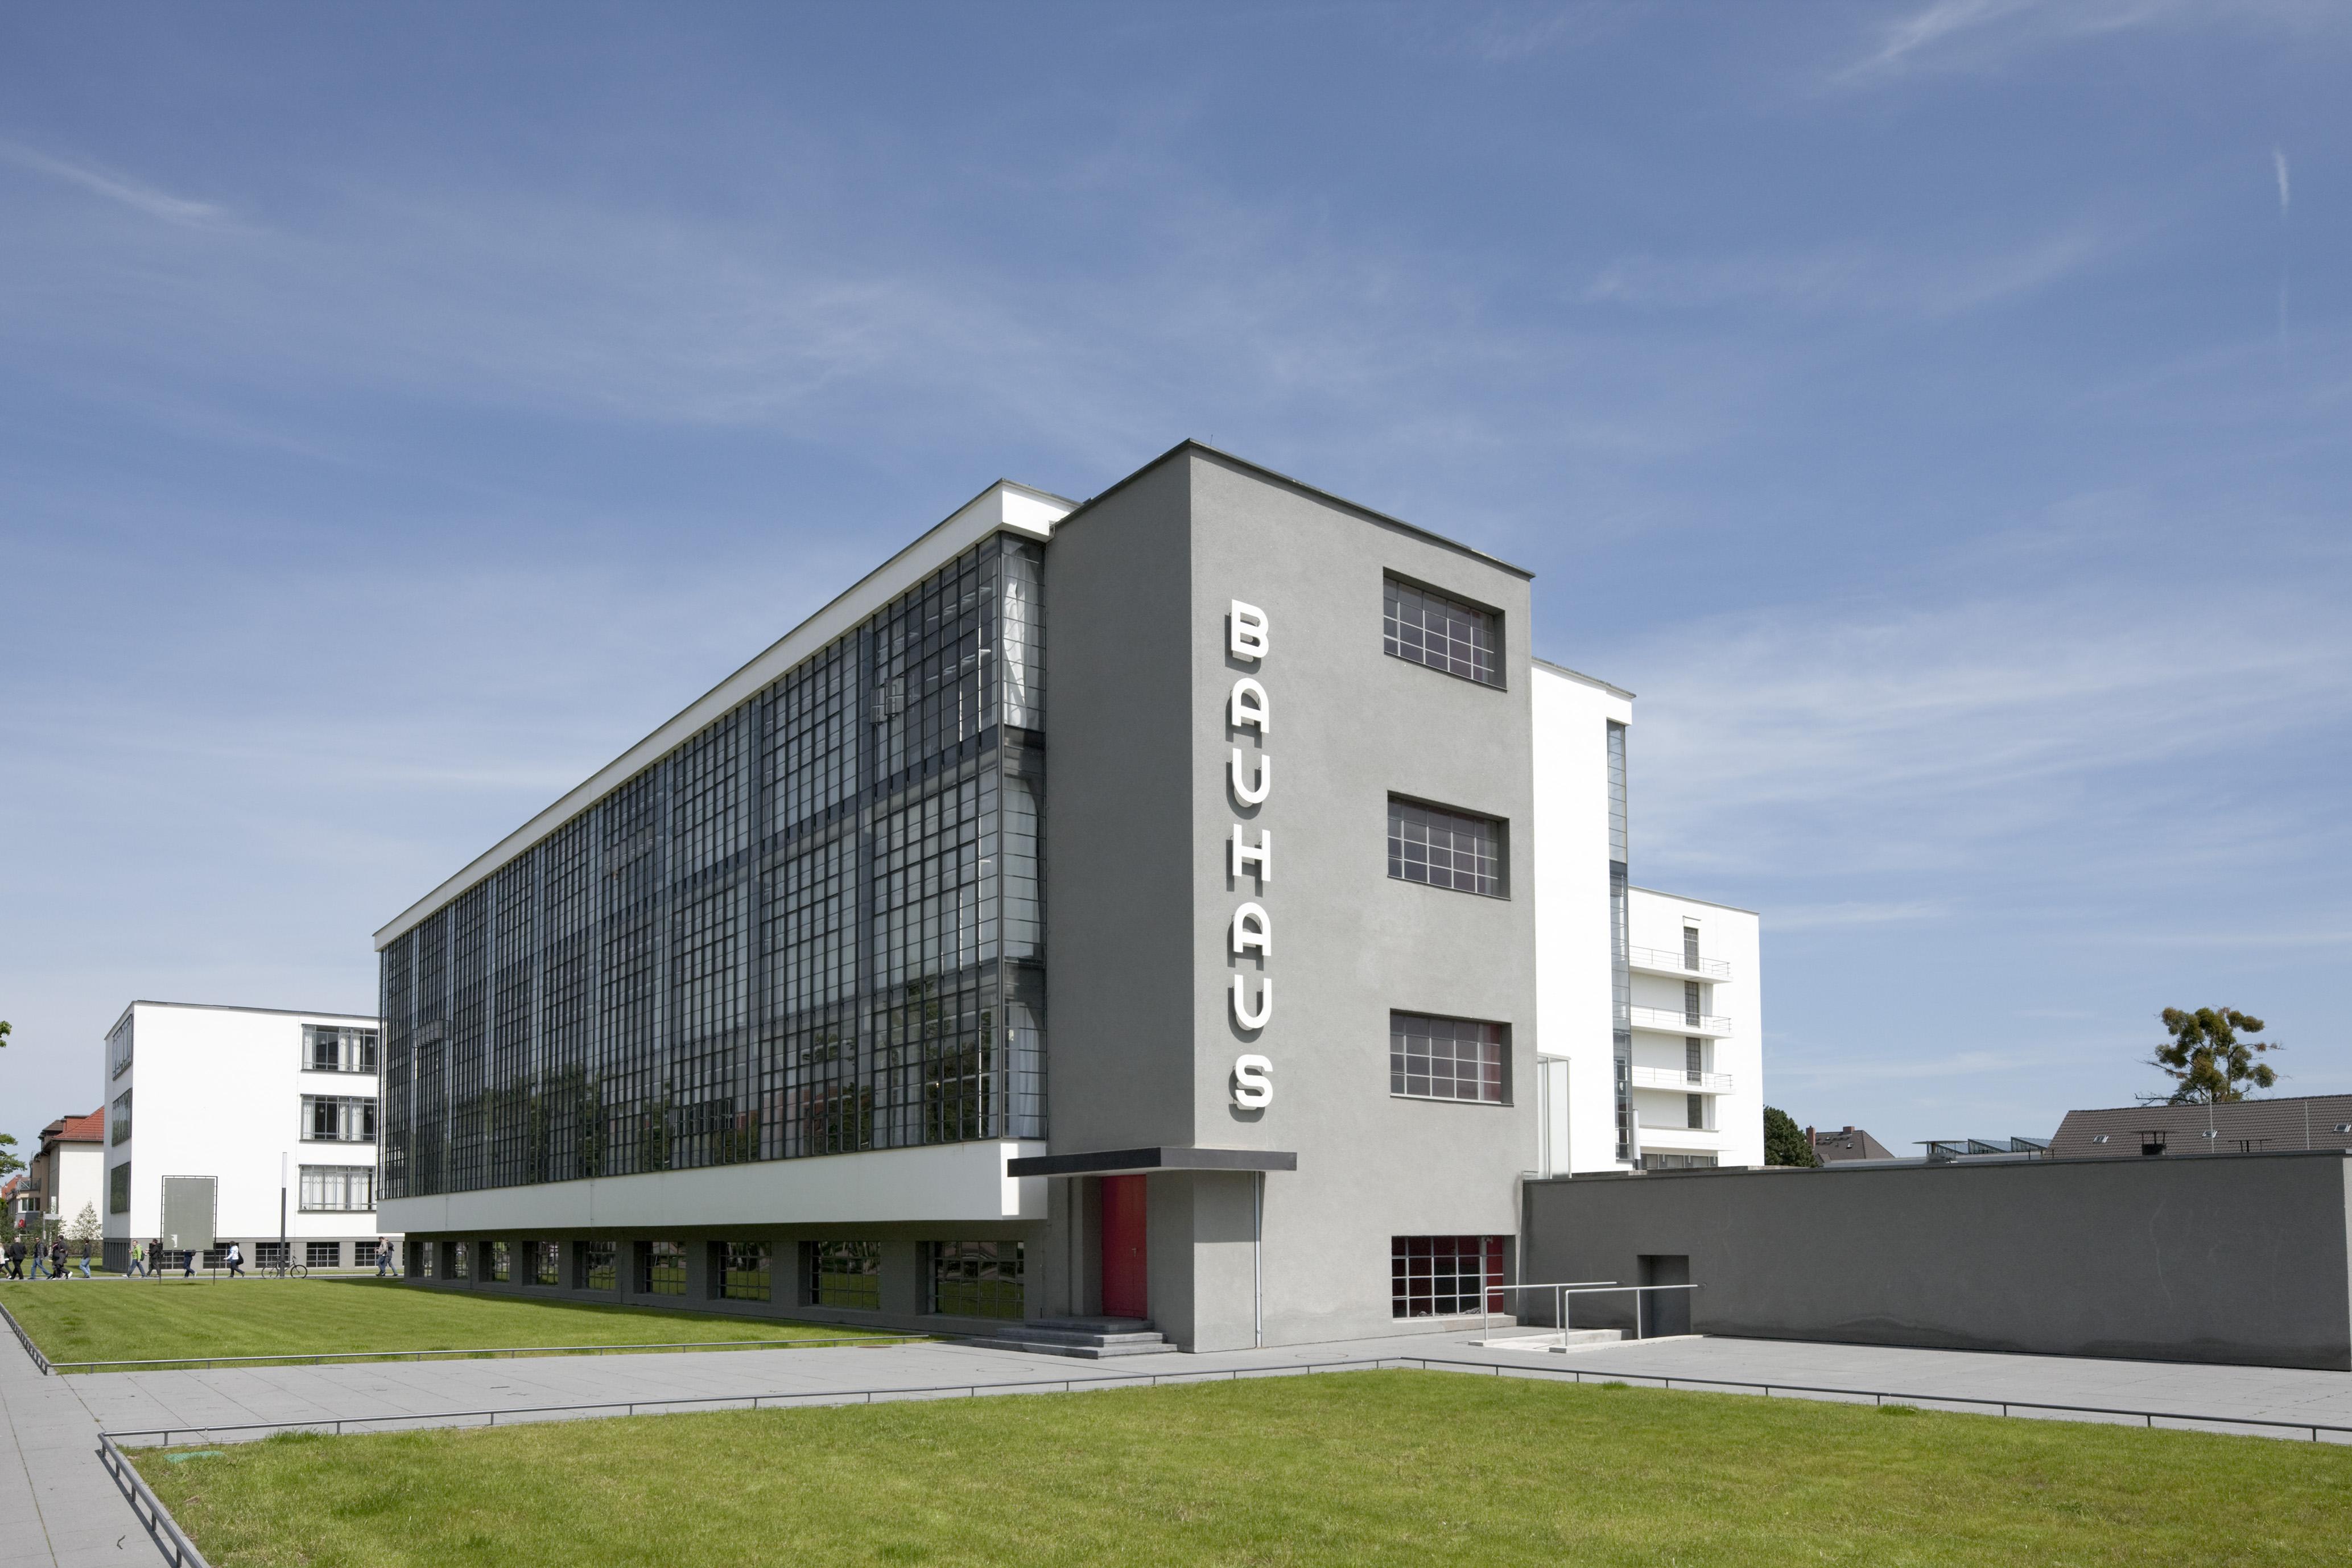 Bauhaus takes center stage in Google's vast new online exhibition